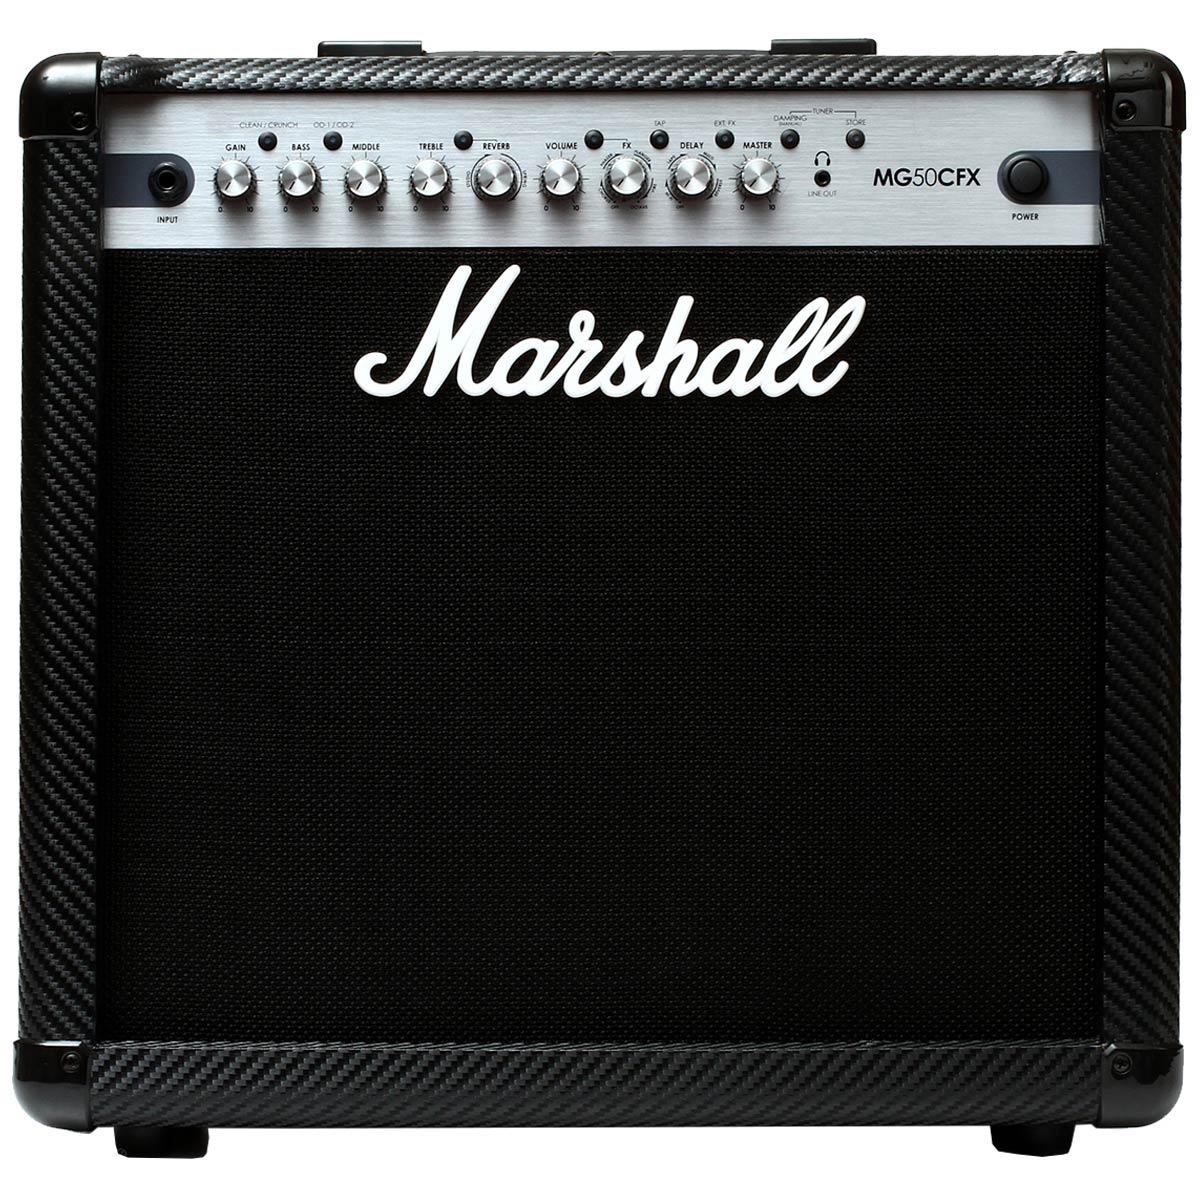 Cubo Ativo p/ Guitarra Fal 12 Pol 50W Carbon Fibre - MG 50 FX Marshall